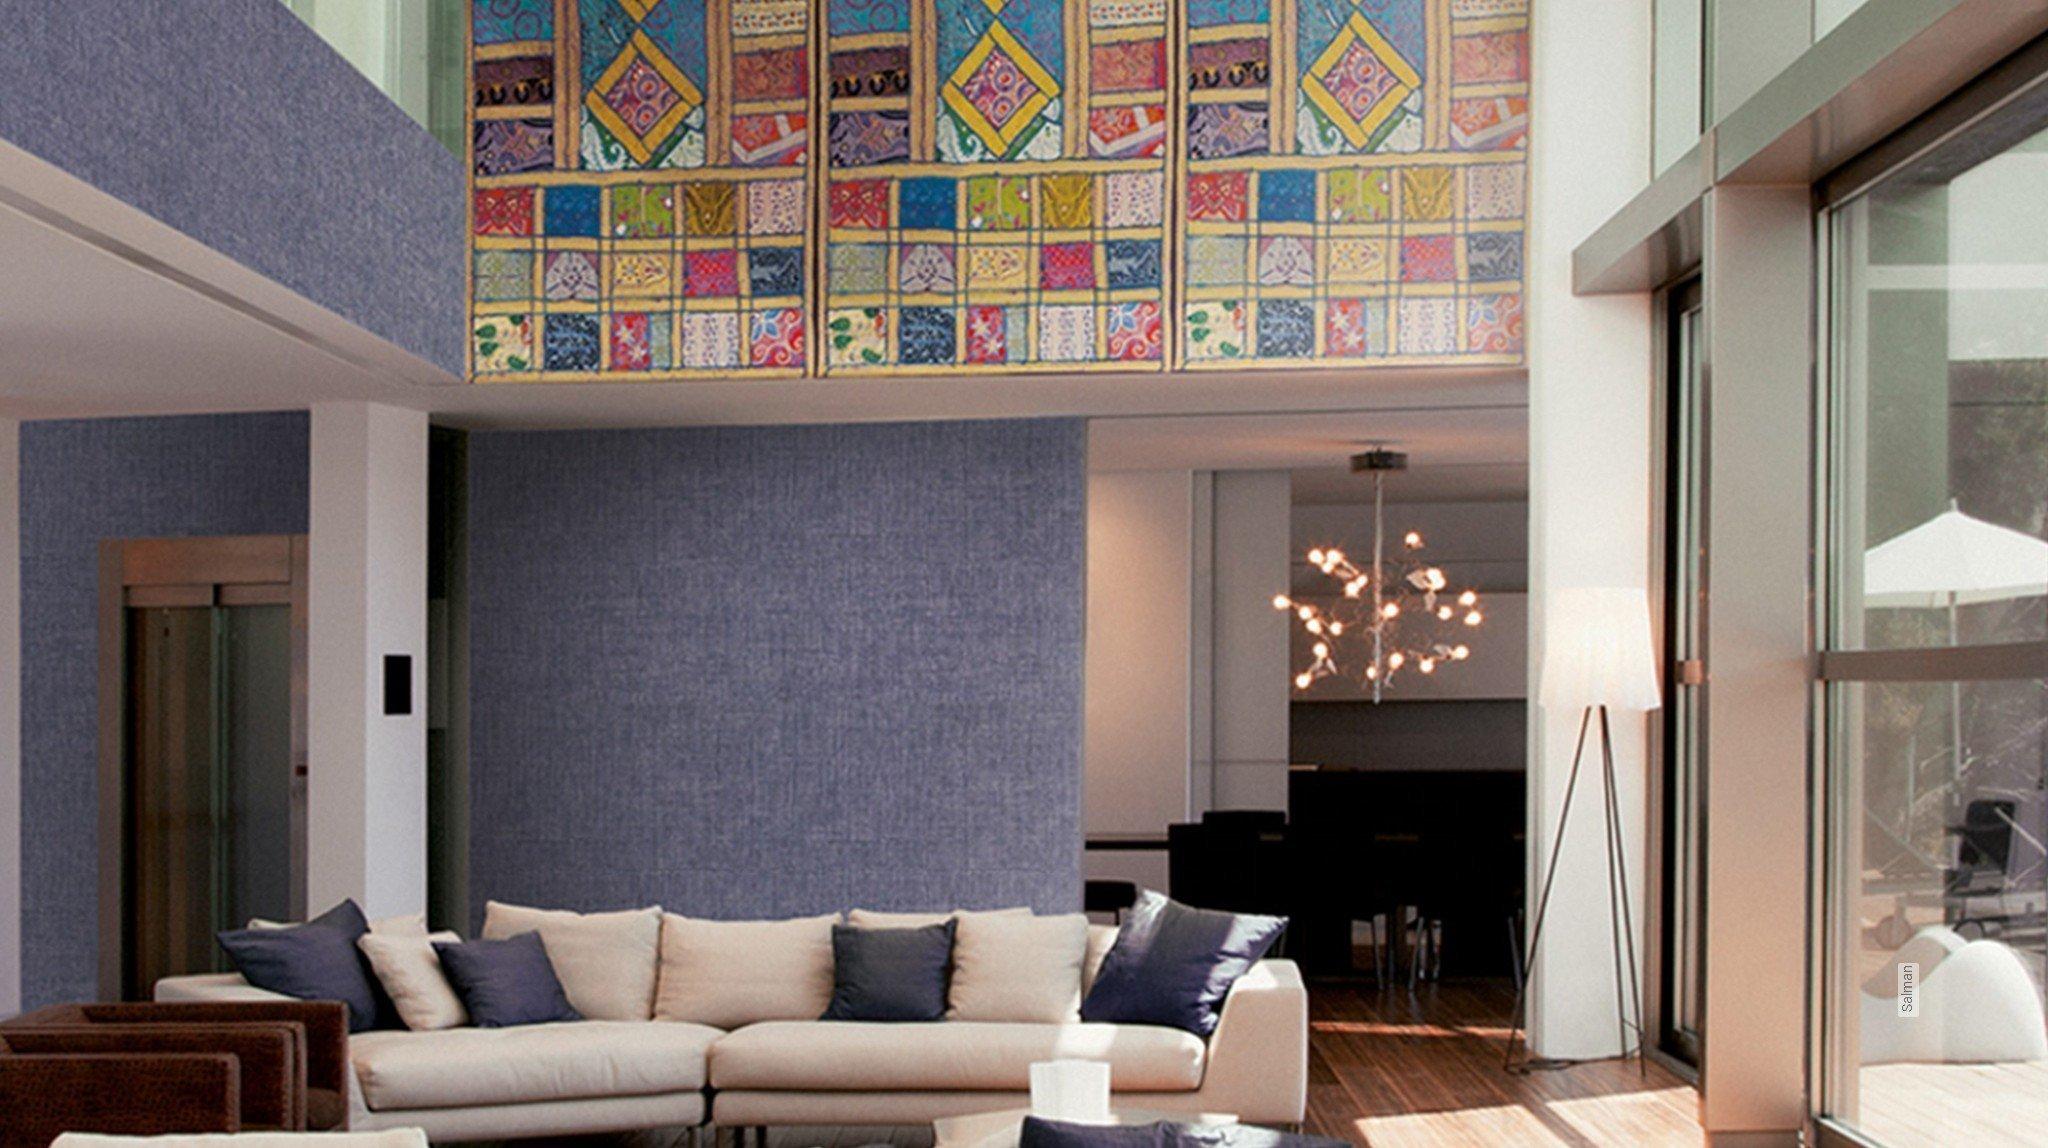 moderne muster ethno und folklore tapeten lust auf was neues. Black Bedroom Furniture Sets. Home Design Ideas